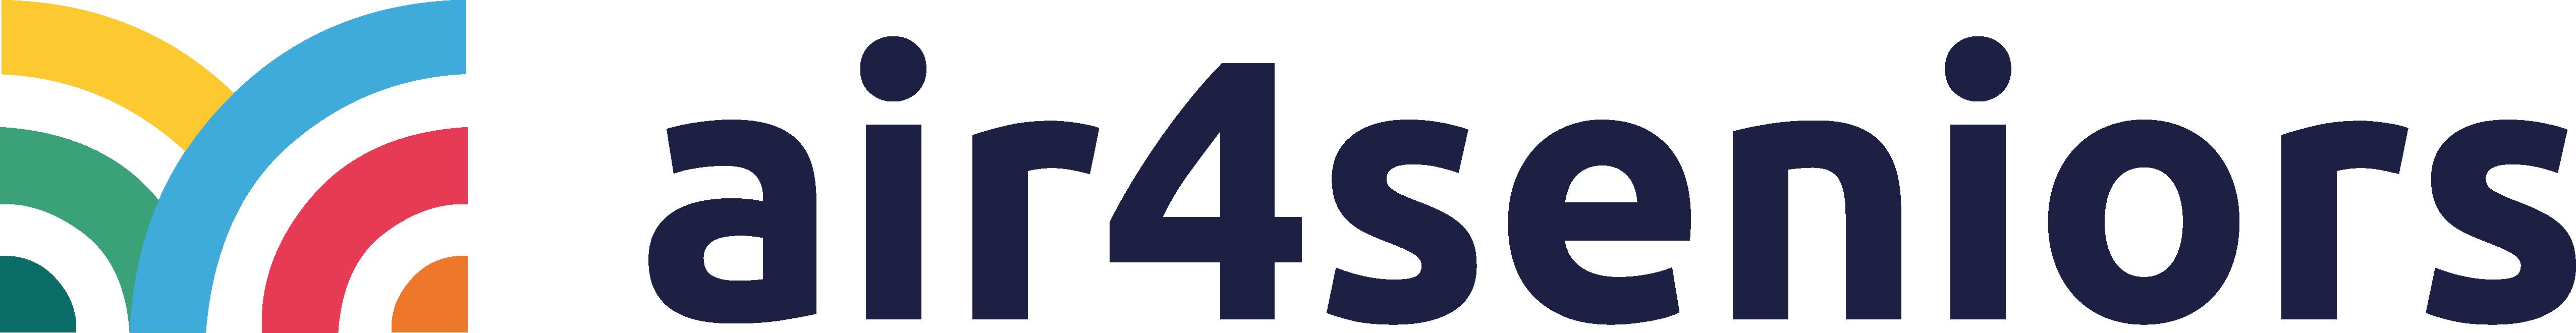 Fotografia Logo corporativo